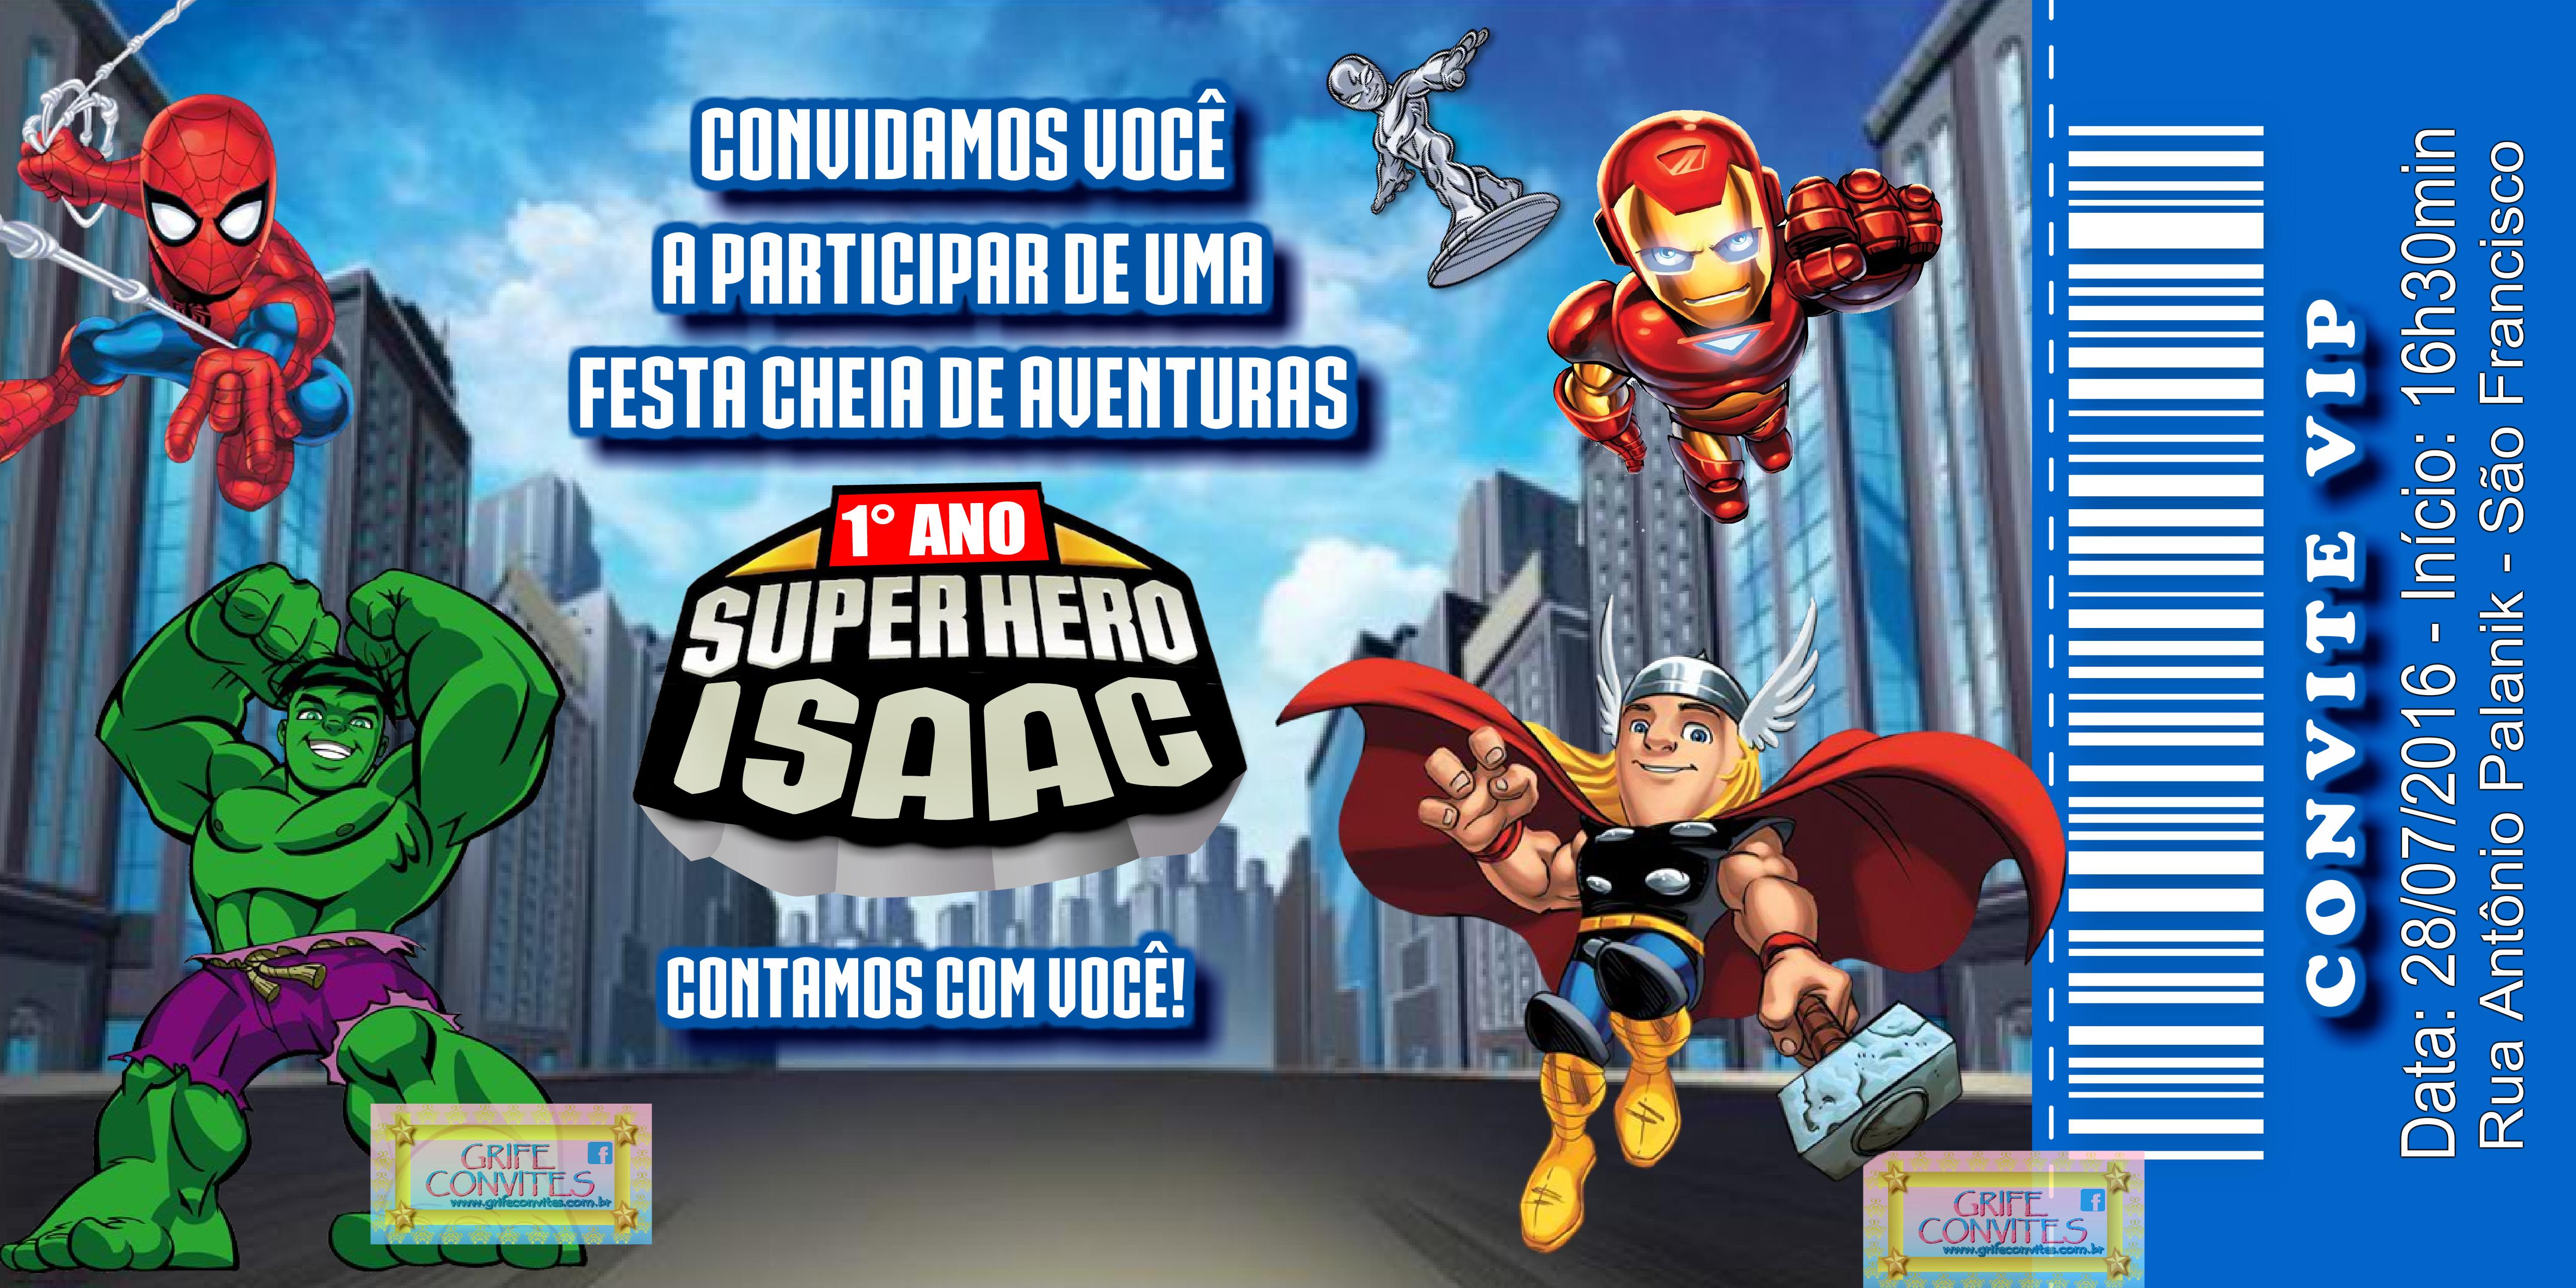 Arte Convite Super Hero Squad No Elo7 Grife Convites 72a79b